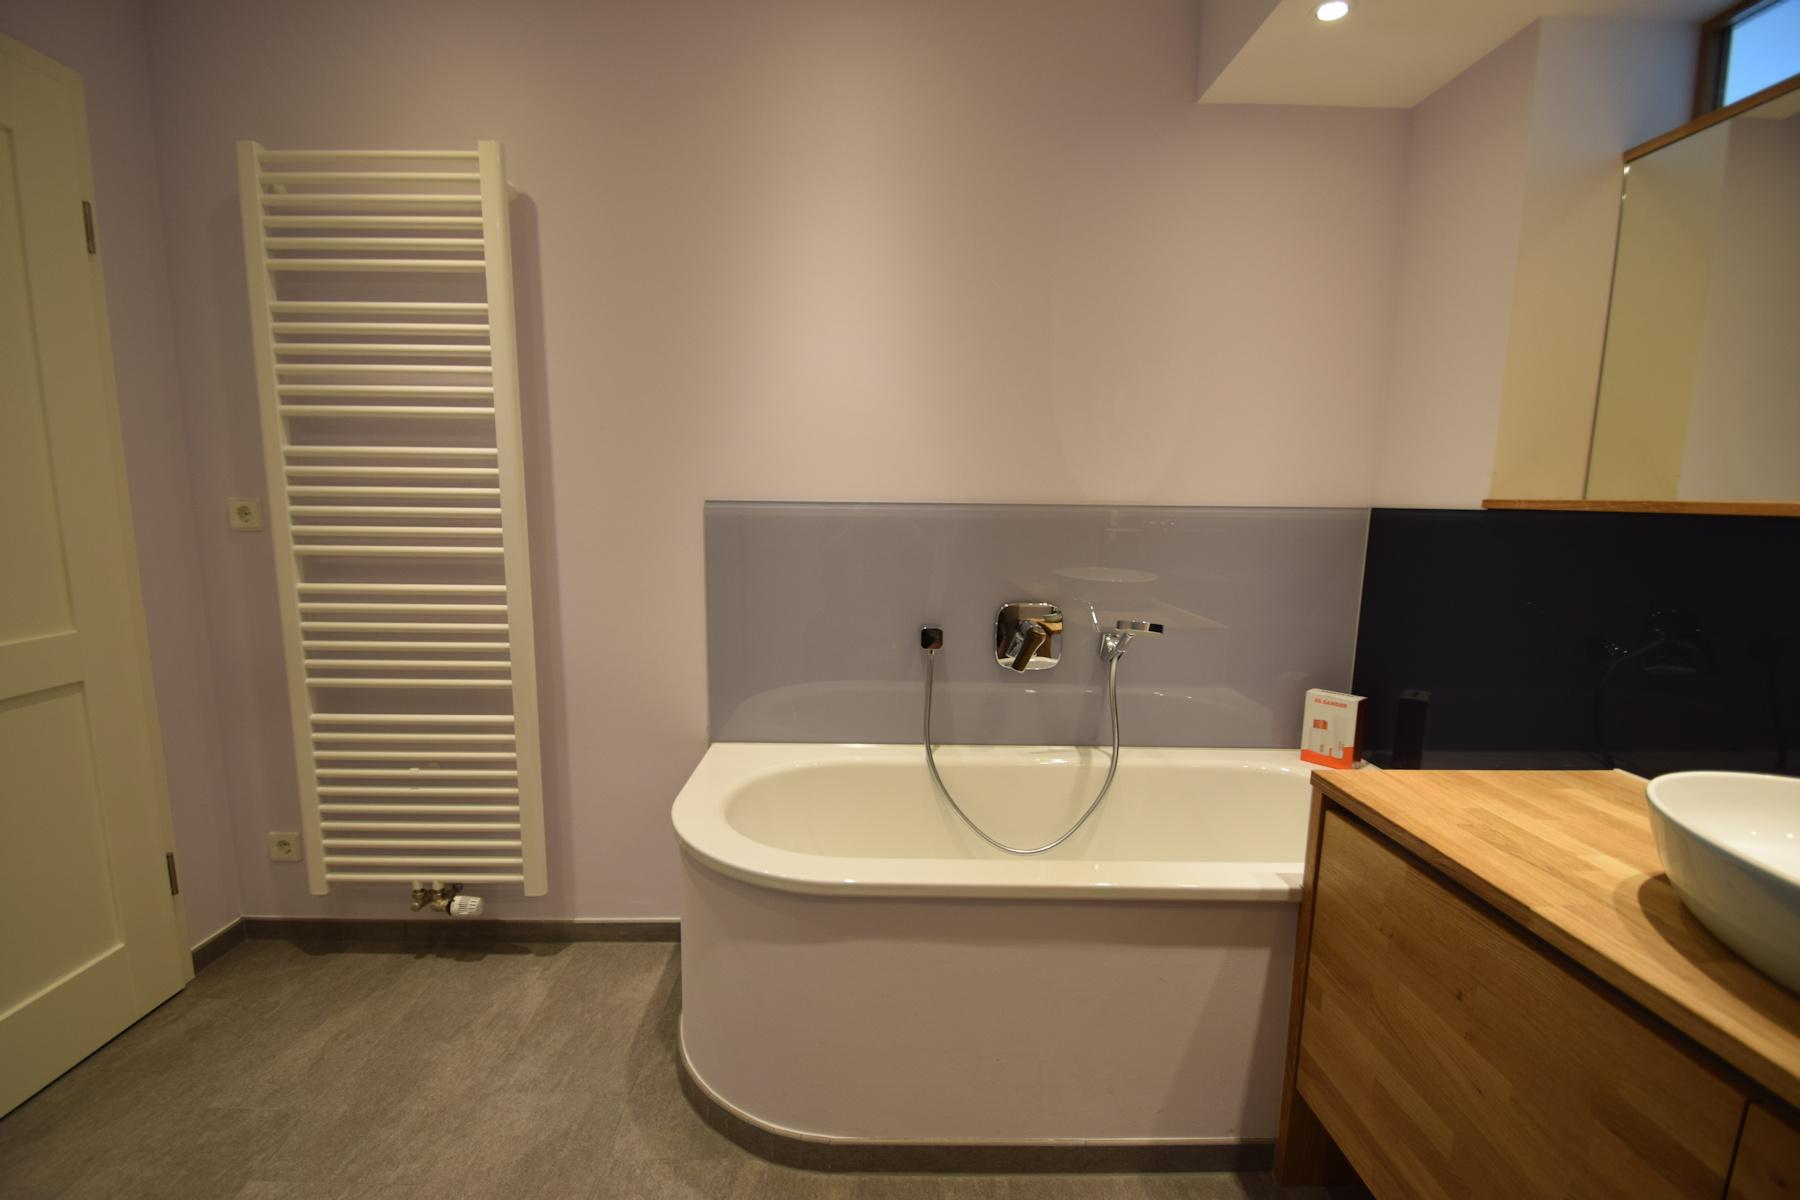 Badezimmer modern und stylisch willkommen bei - Badezimmer mit holz ...